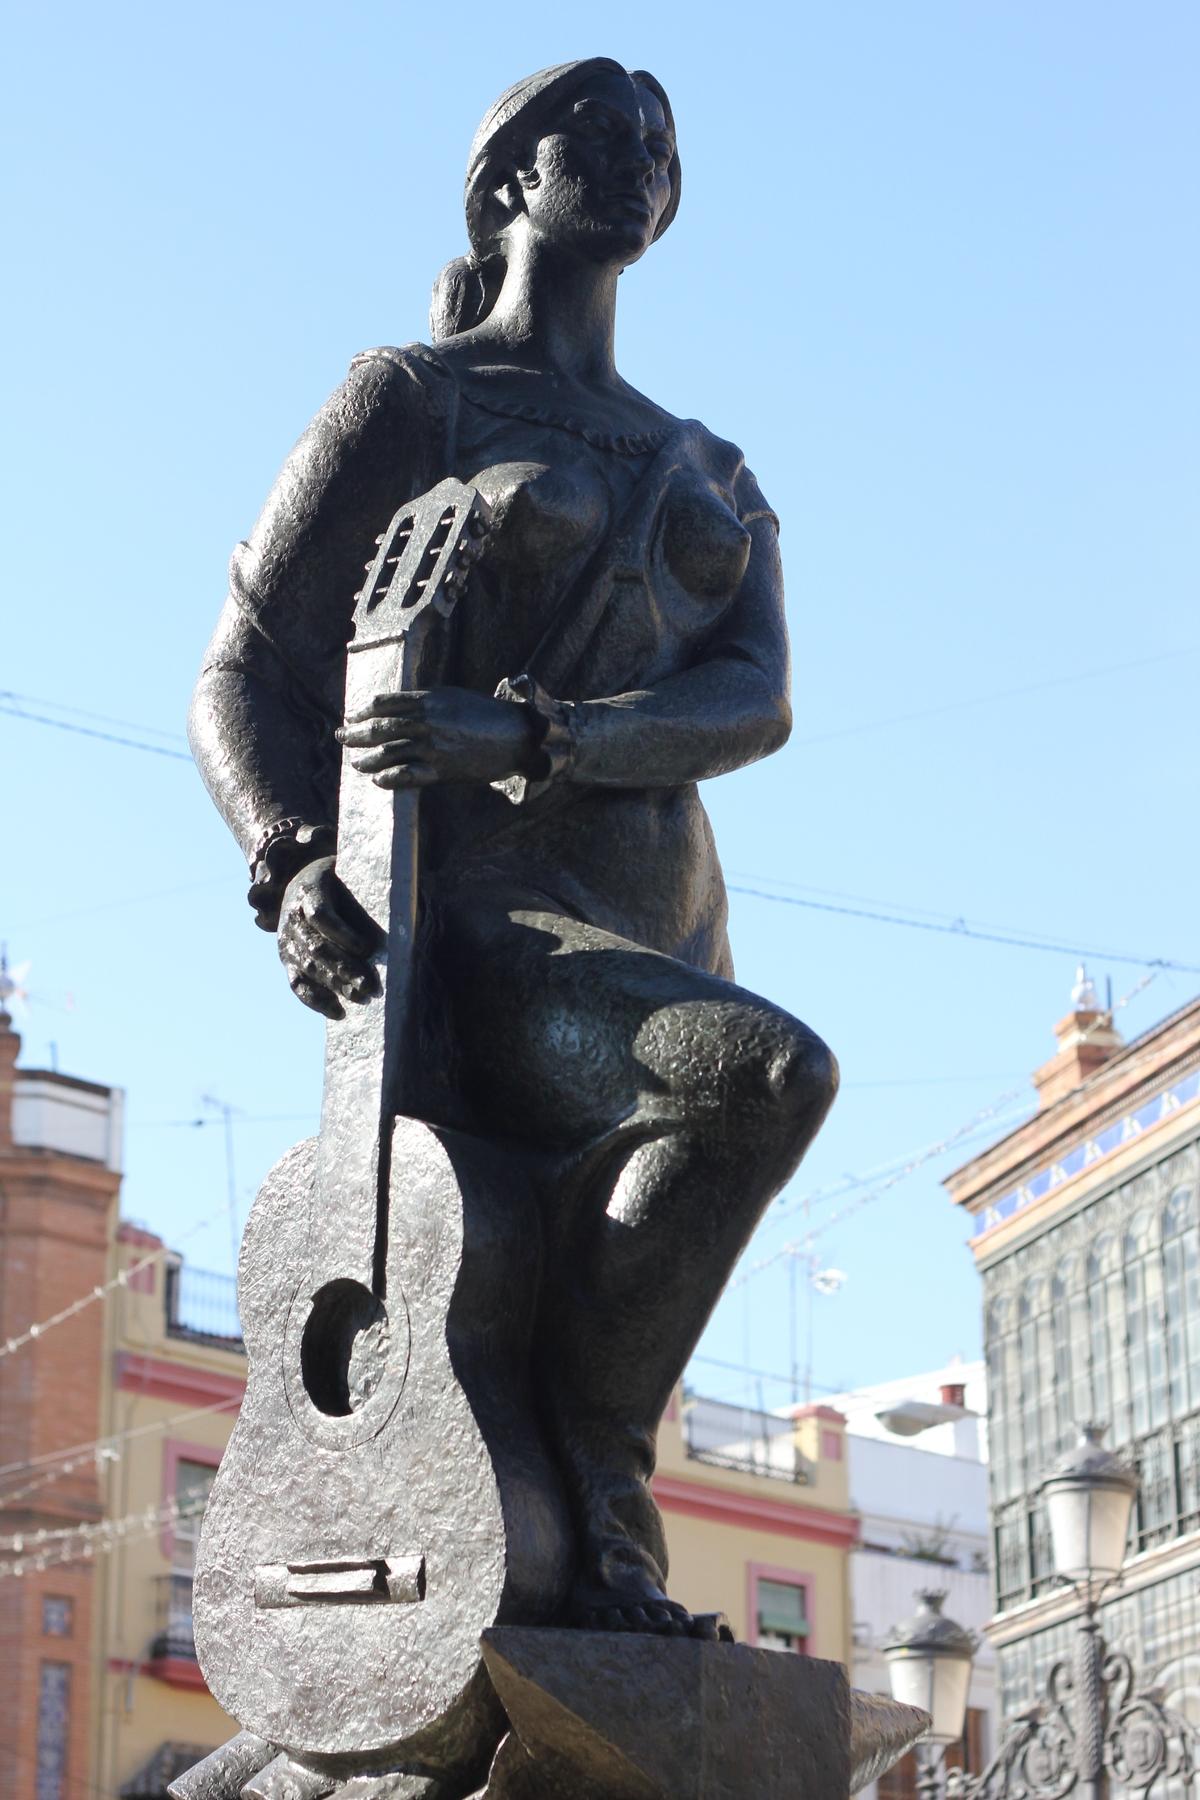 Escultura que homenajea al flamenco en Sevilla, en concreto en Triana, uno de sus barrios más emblemáticos.